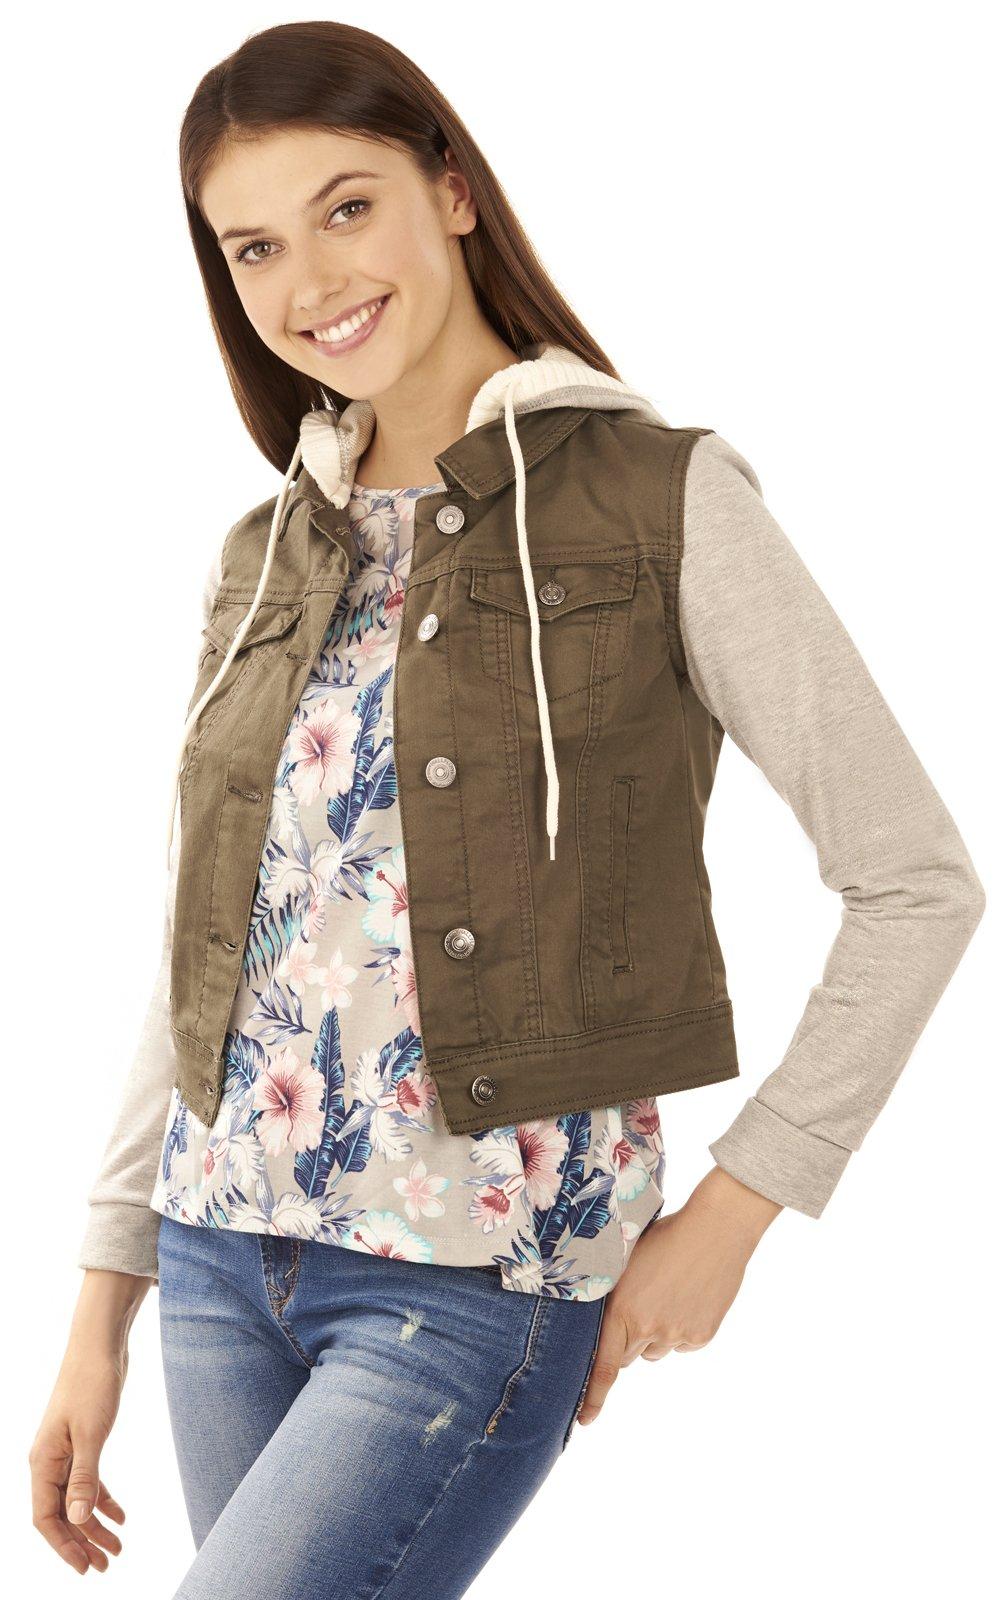 WallFlower Juniors Twill Hooded Jacket in Olive Size:JM